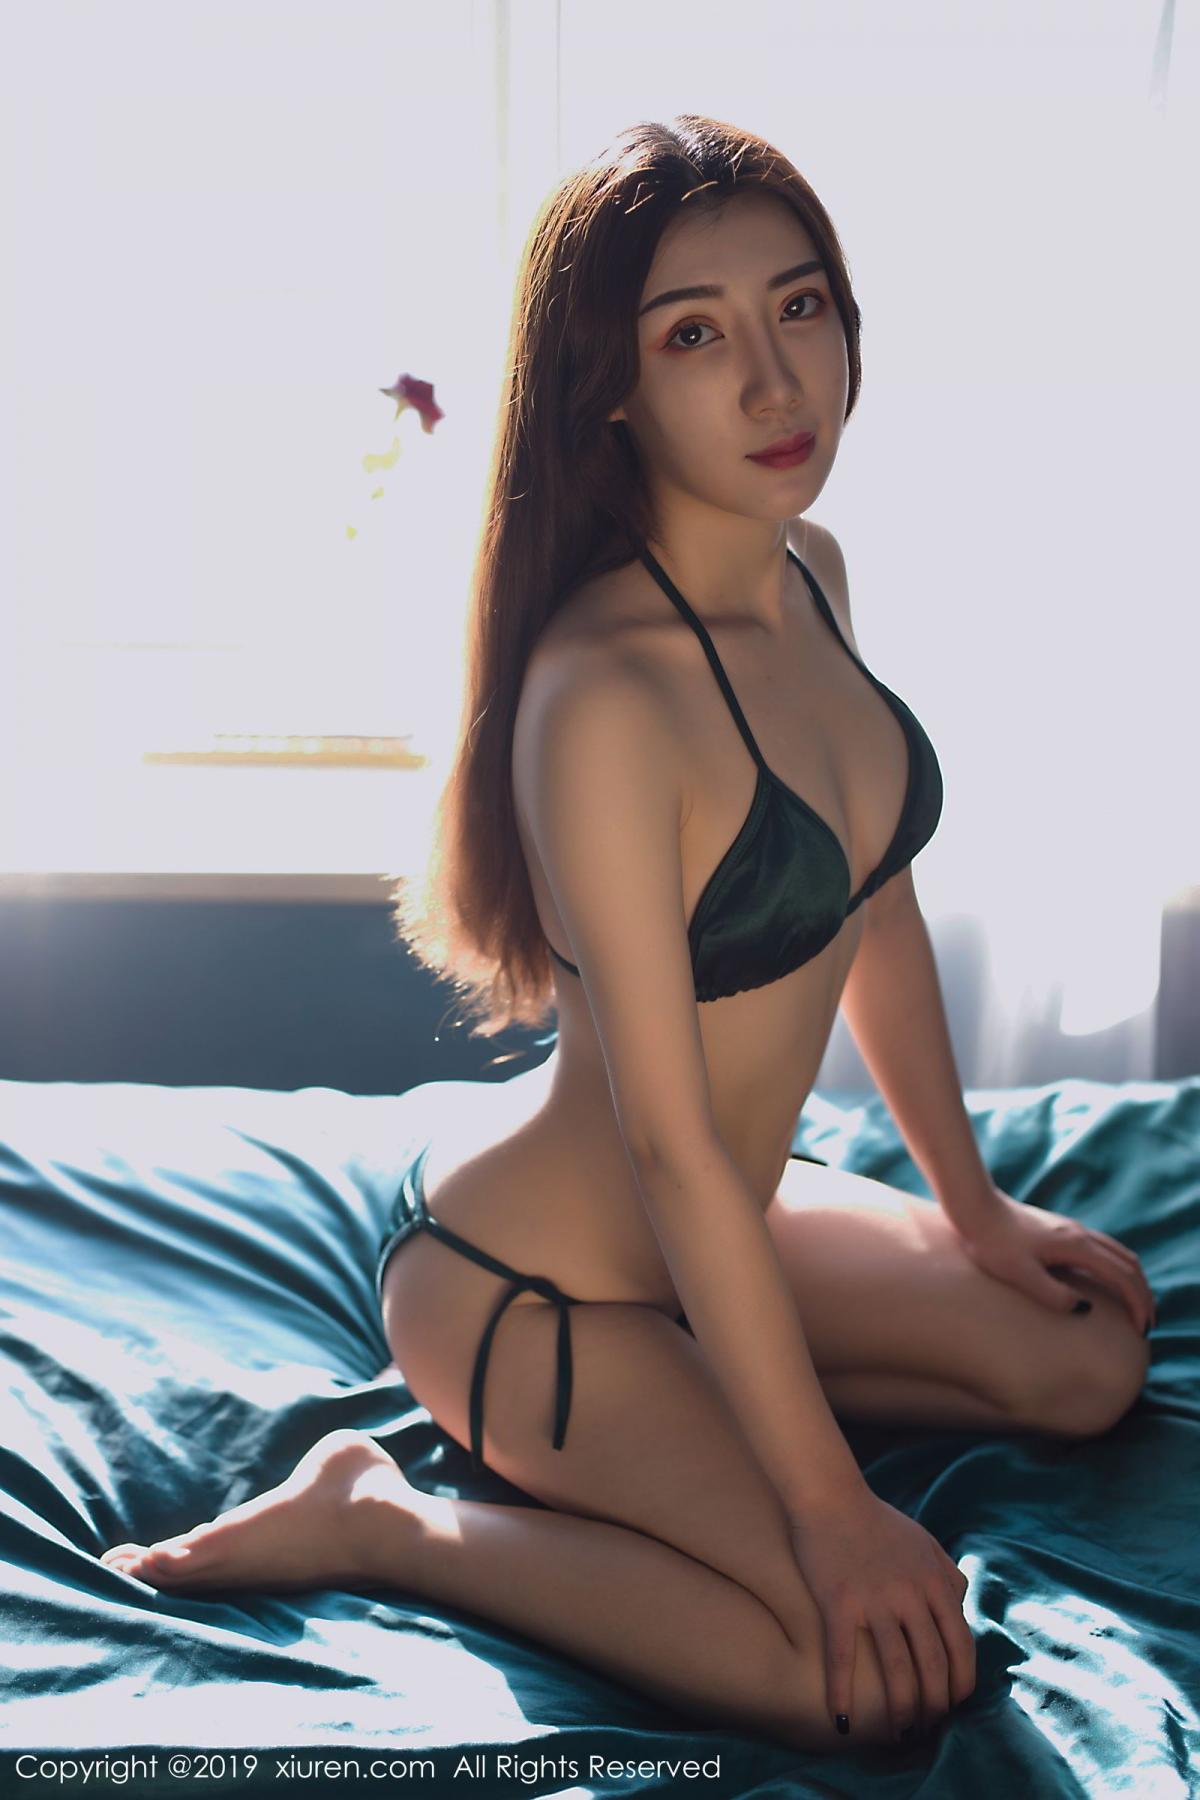 [XiuRen] Vol.1725 Zhi Zhi 2 12P, Underwear, Xiuren, Zhi Zhi